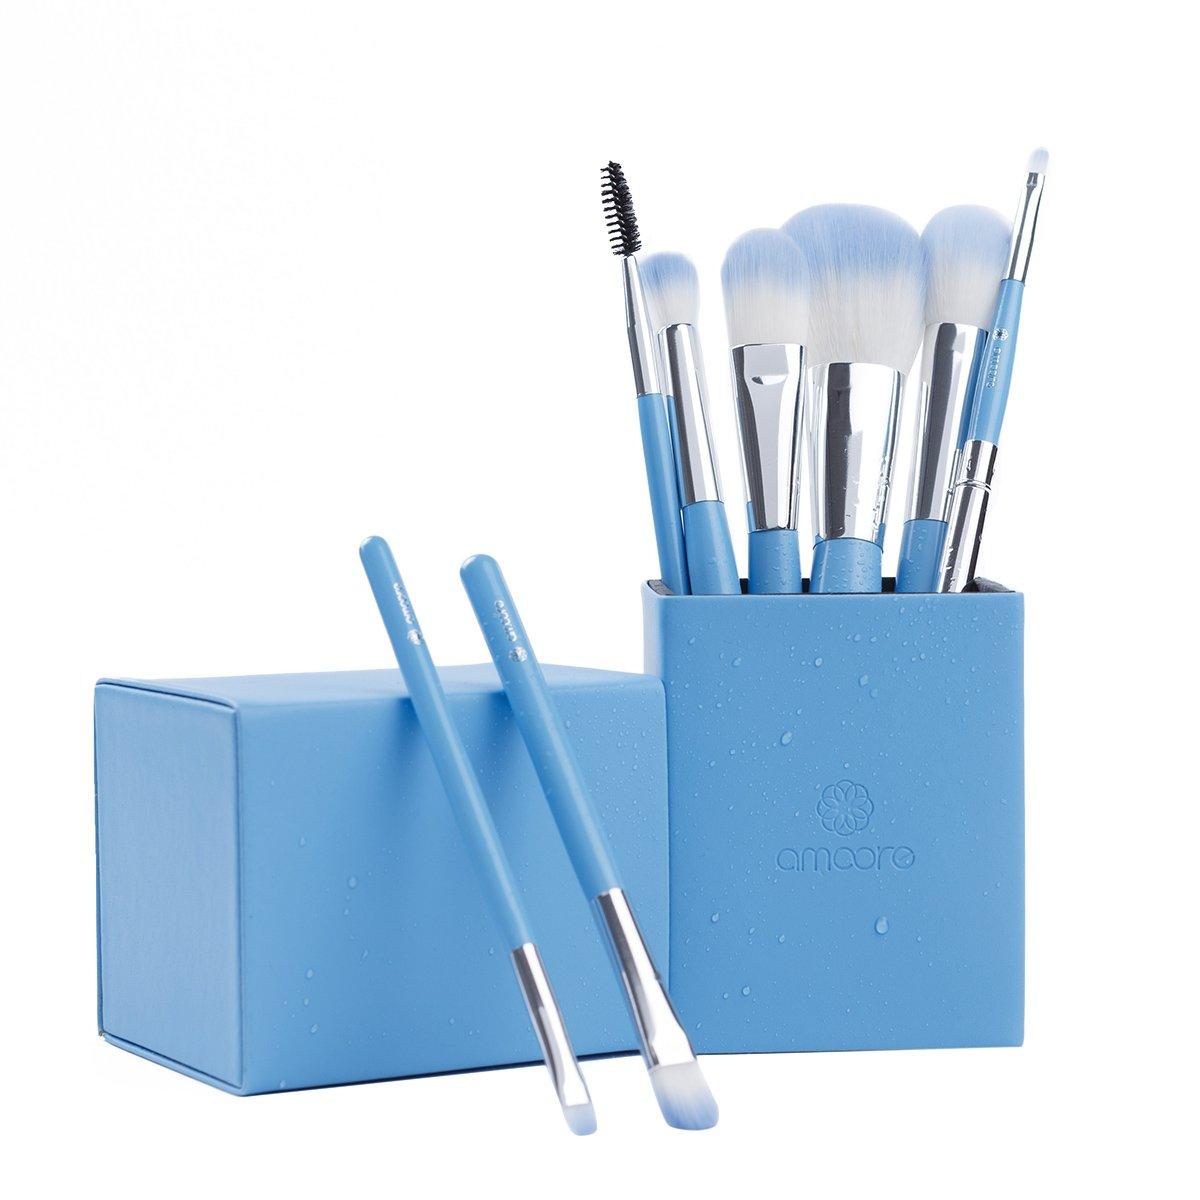 amoore 8 pcs Makeup Brush Set with Makeup Brushes Holder Foundation Brush Powder Brush for Blush Eyeshadow Eyelash Eyebrow and Lip (8 Pcs, Lake Blue)